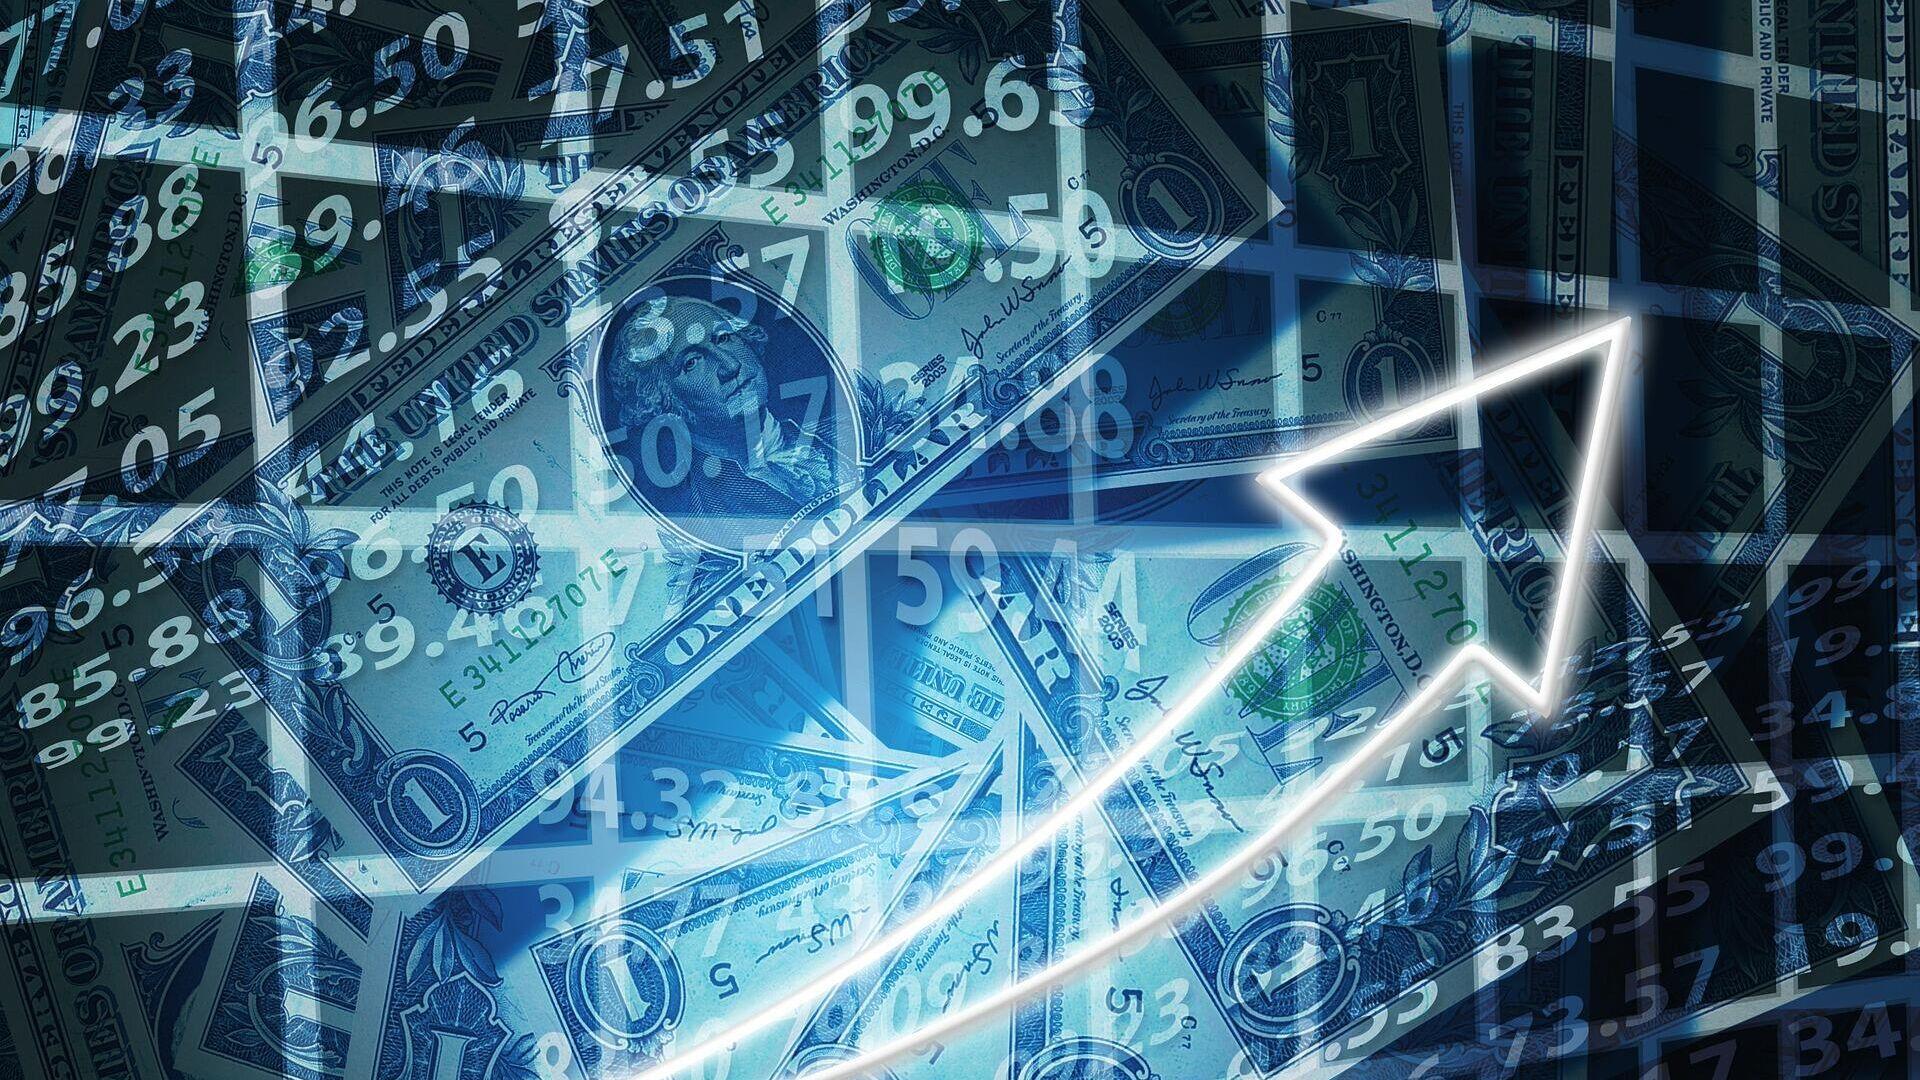 Economía y dólares - Sputnik Mundo, 1920, 14.10.2021